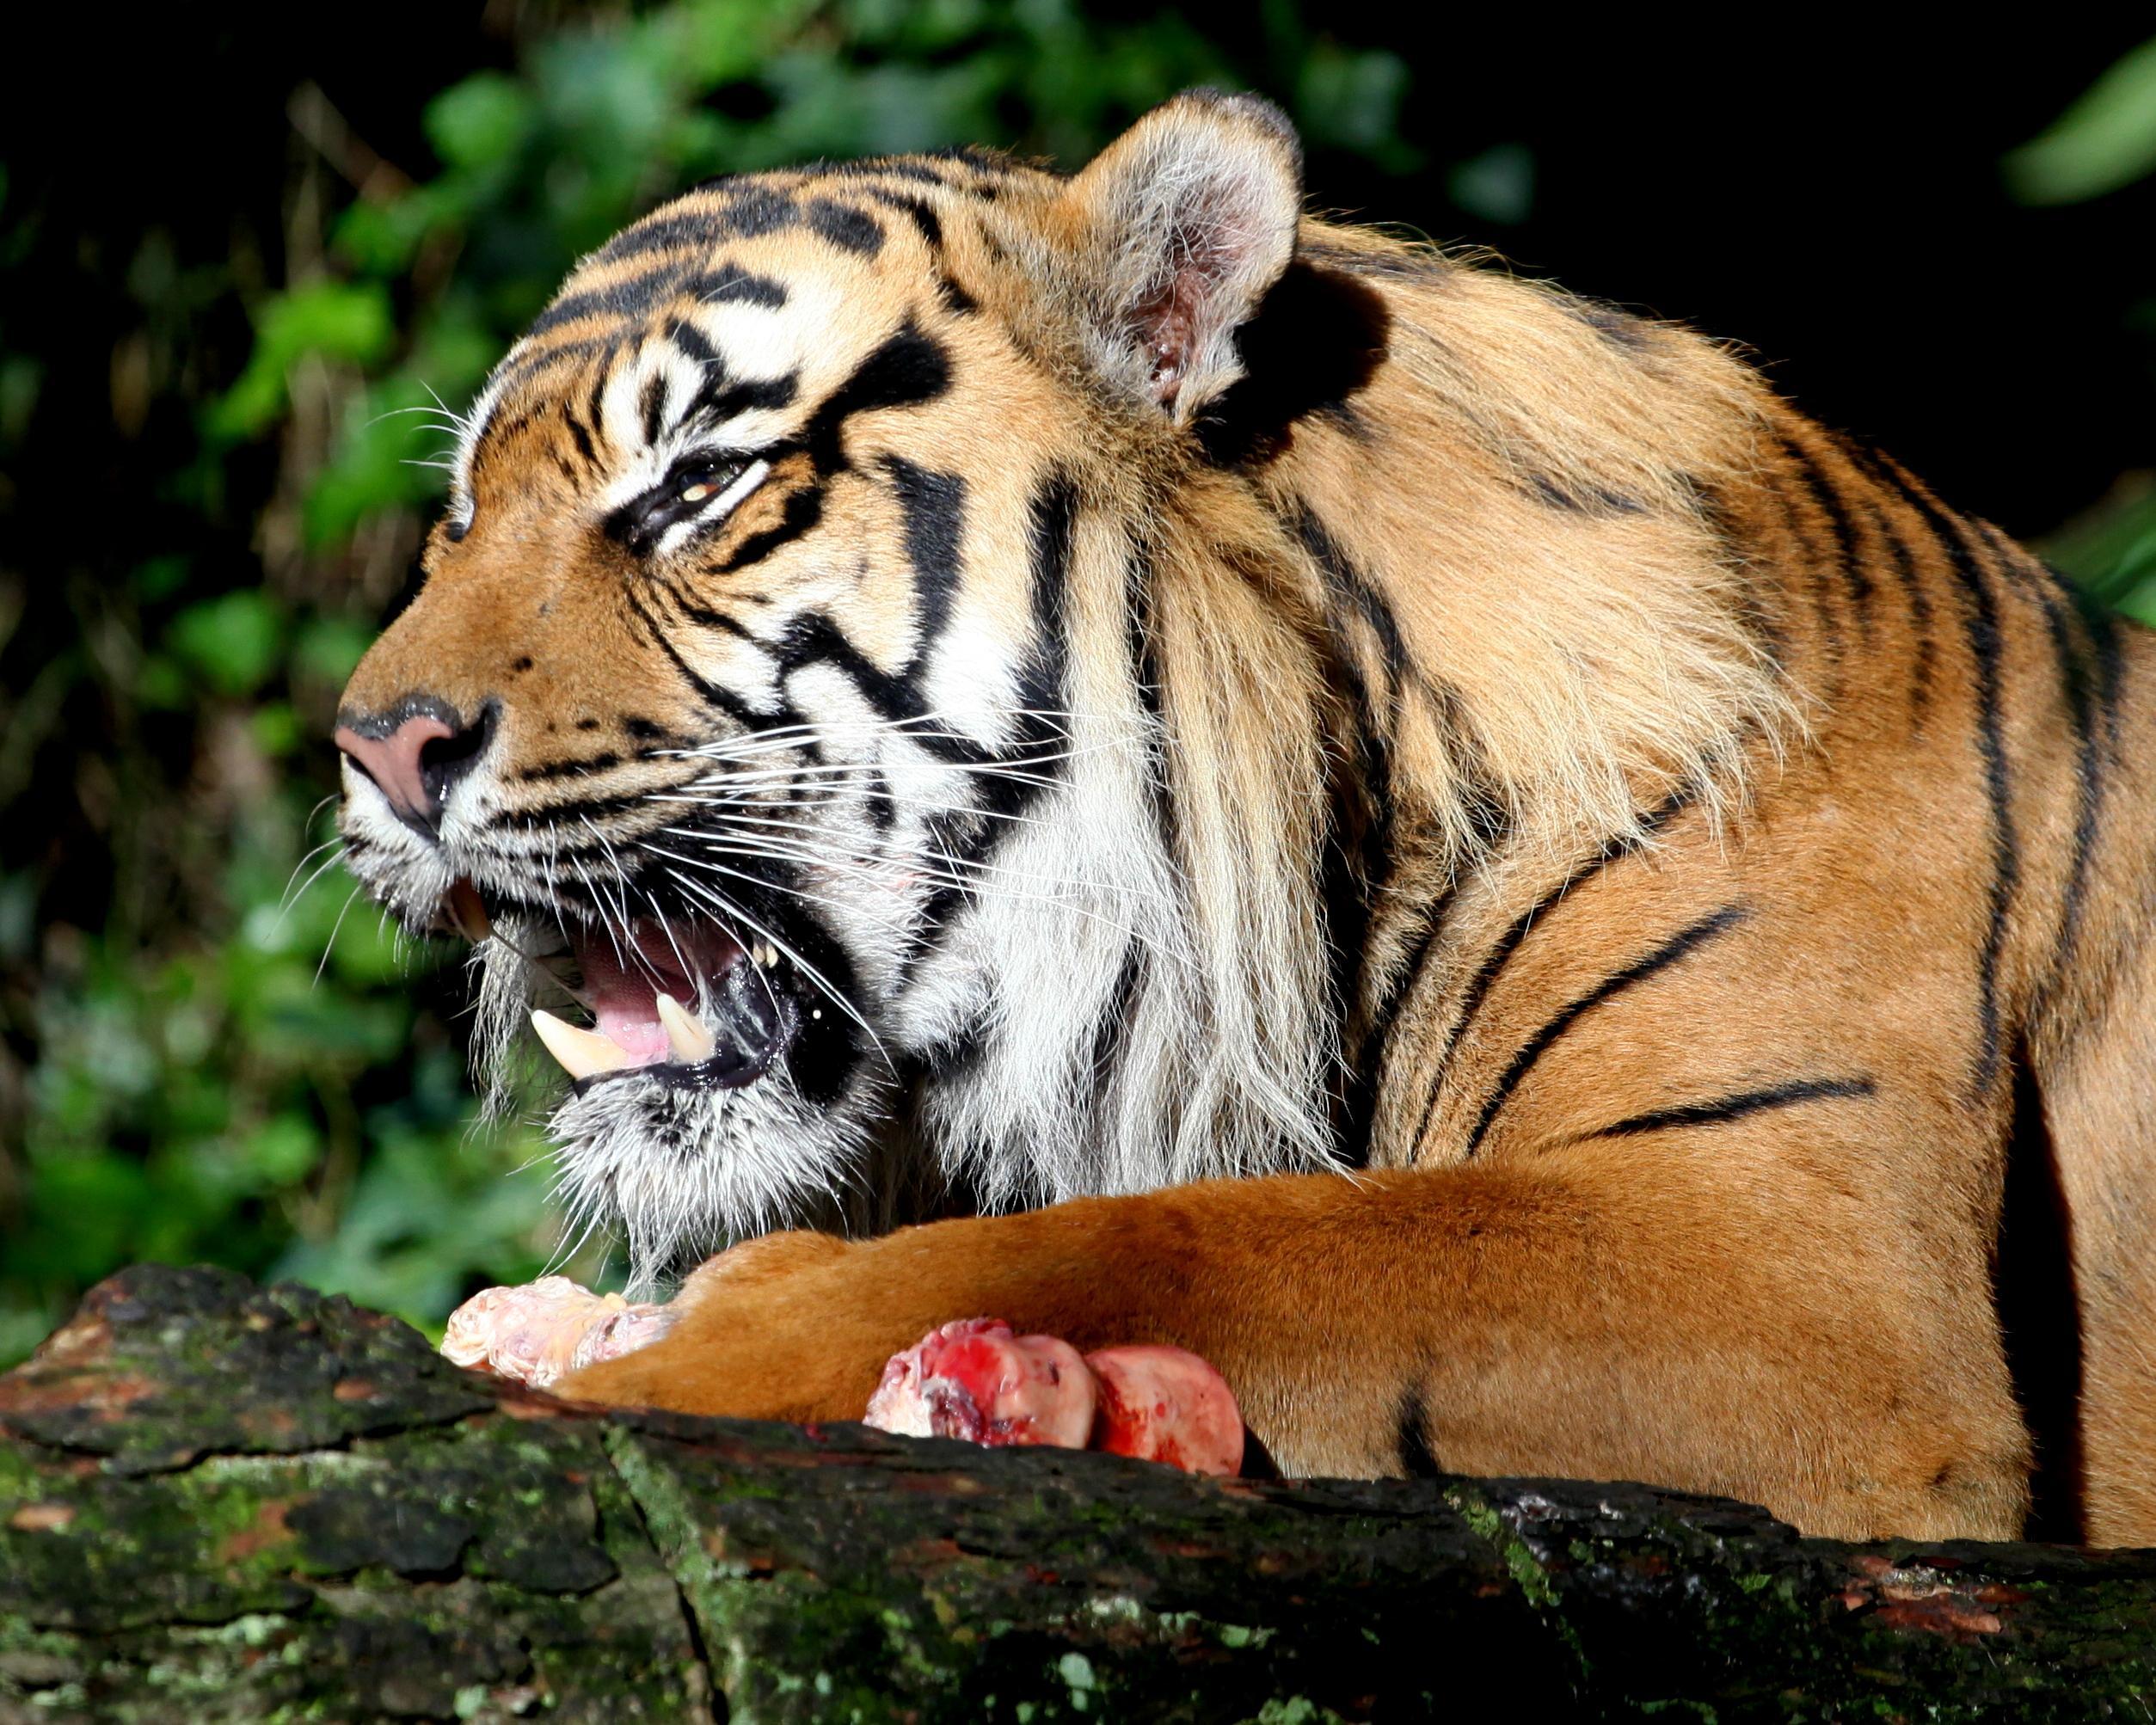 マネーの虎を100倍楽しむ方法